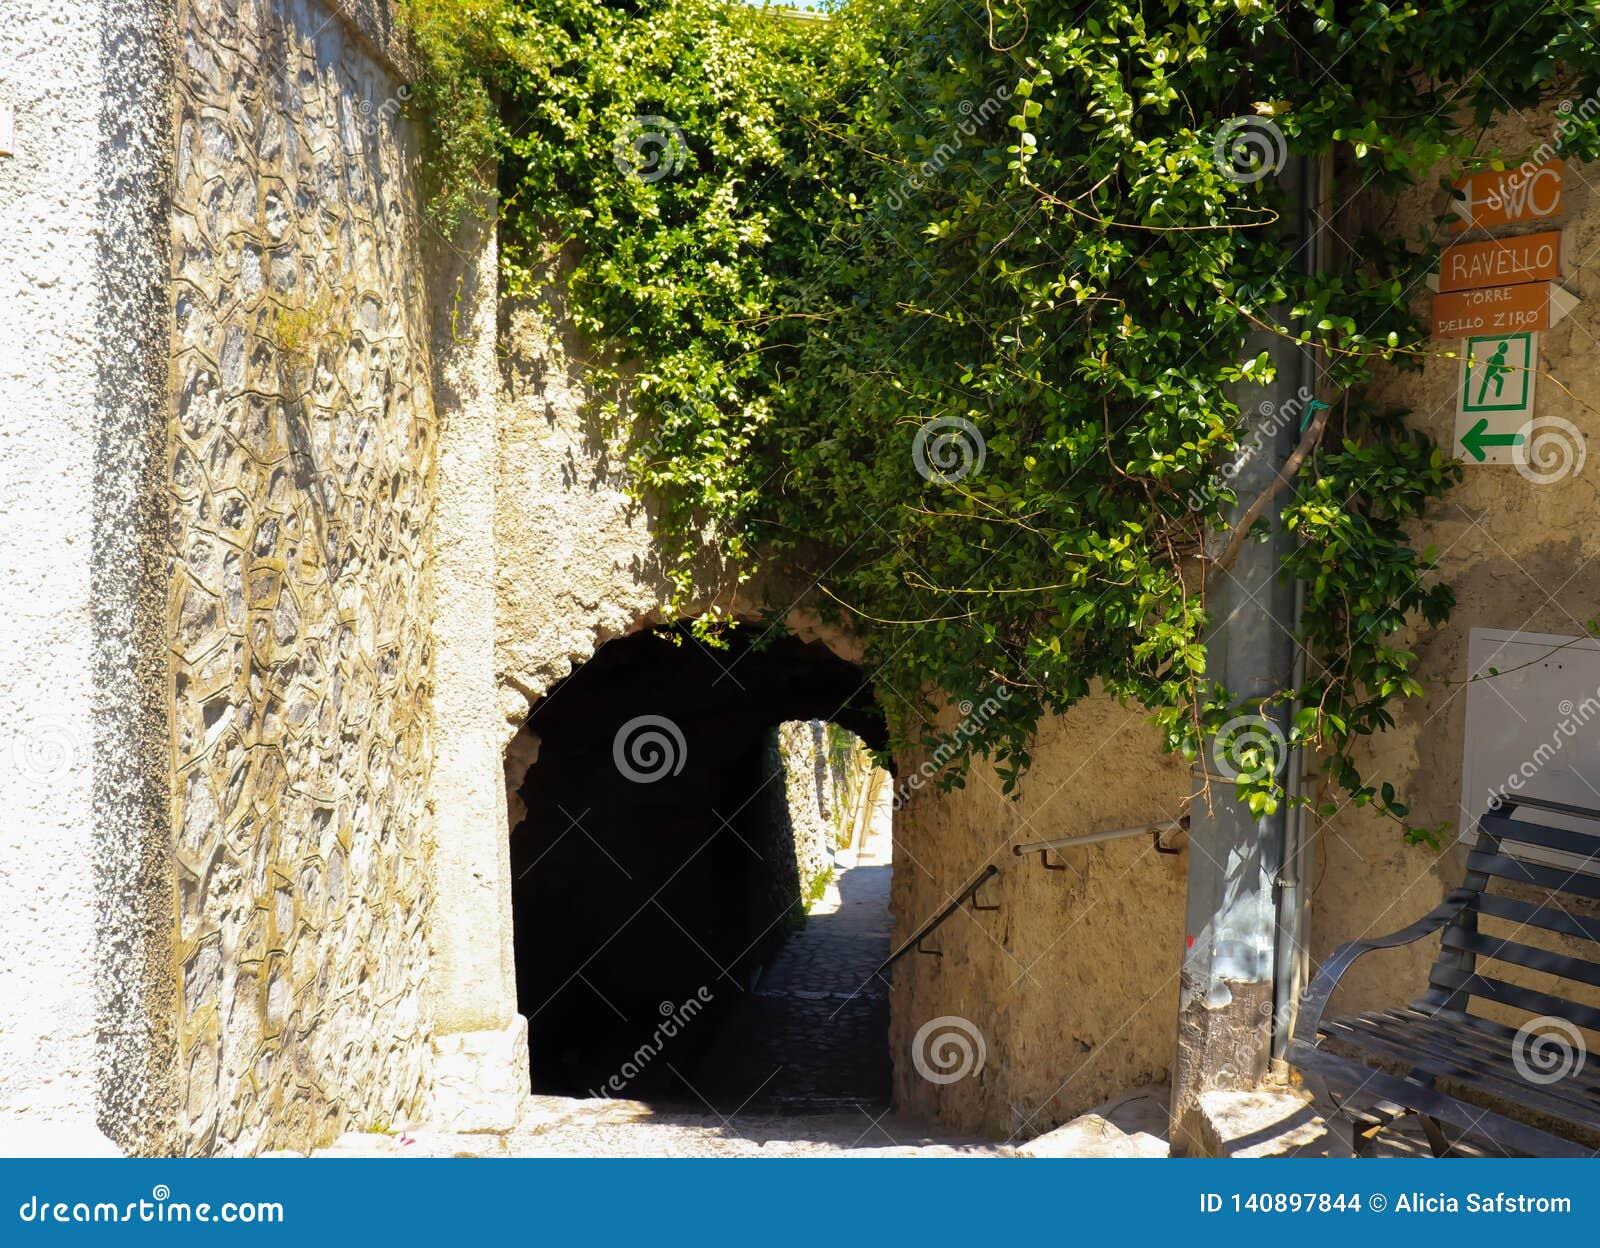 An ancient Italian passage to Ravello, Itally